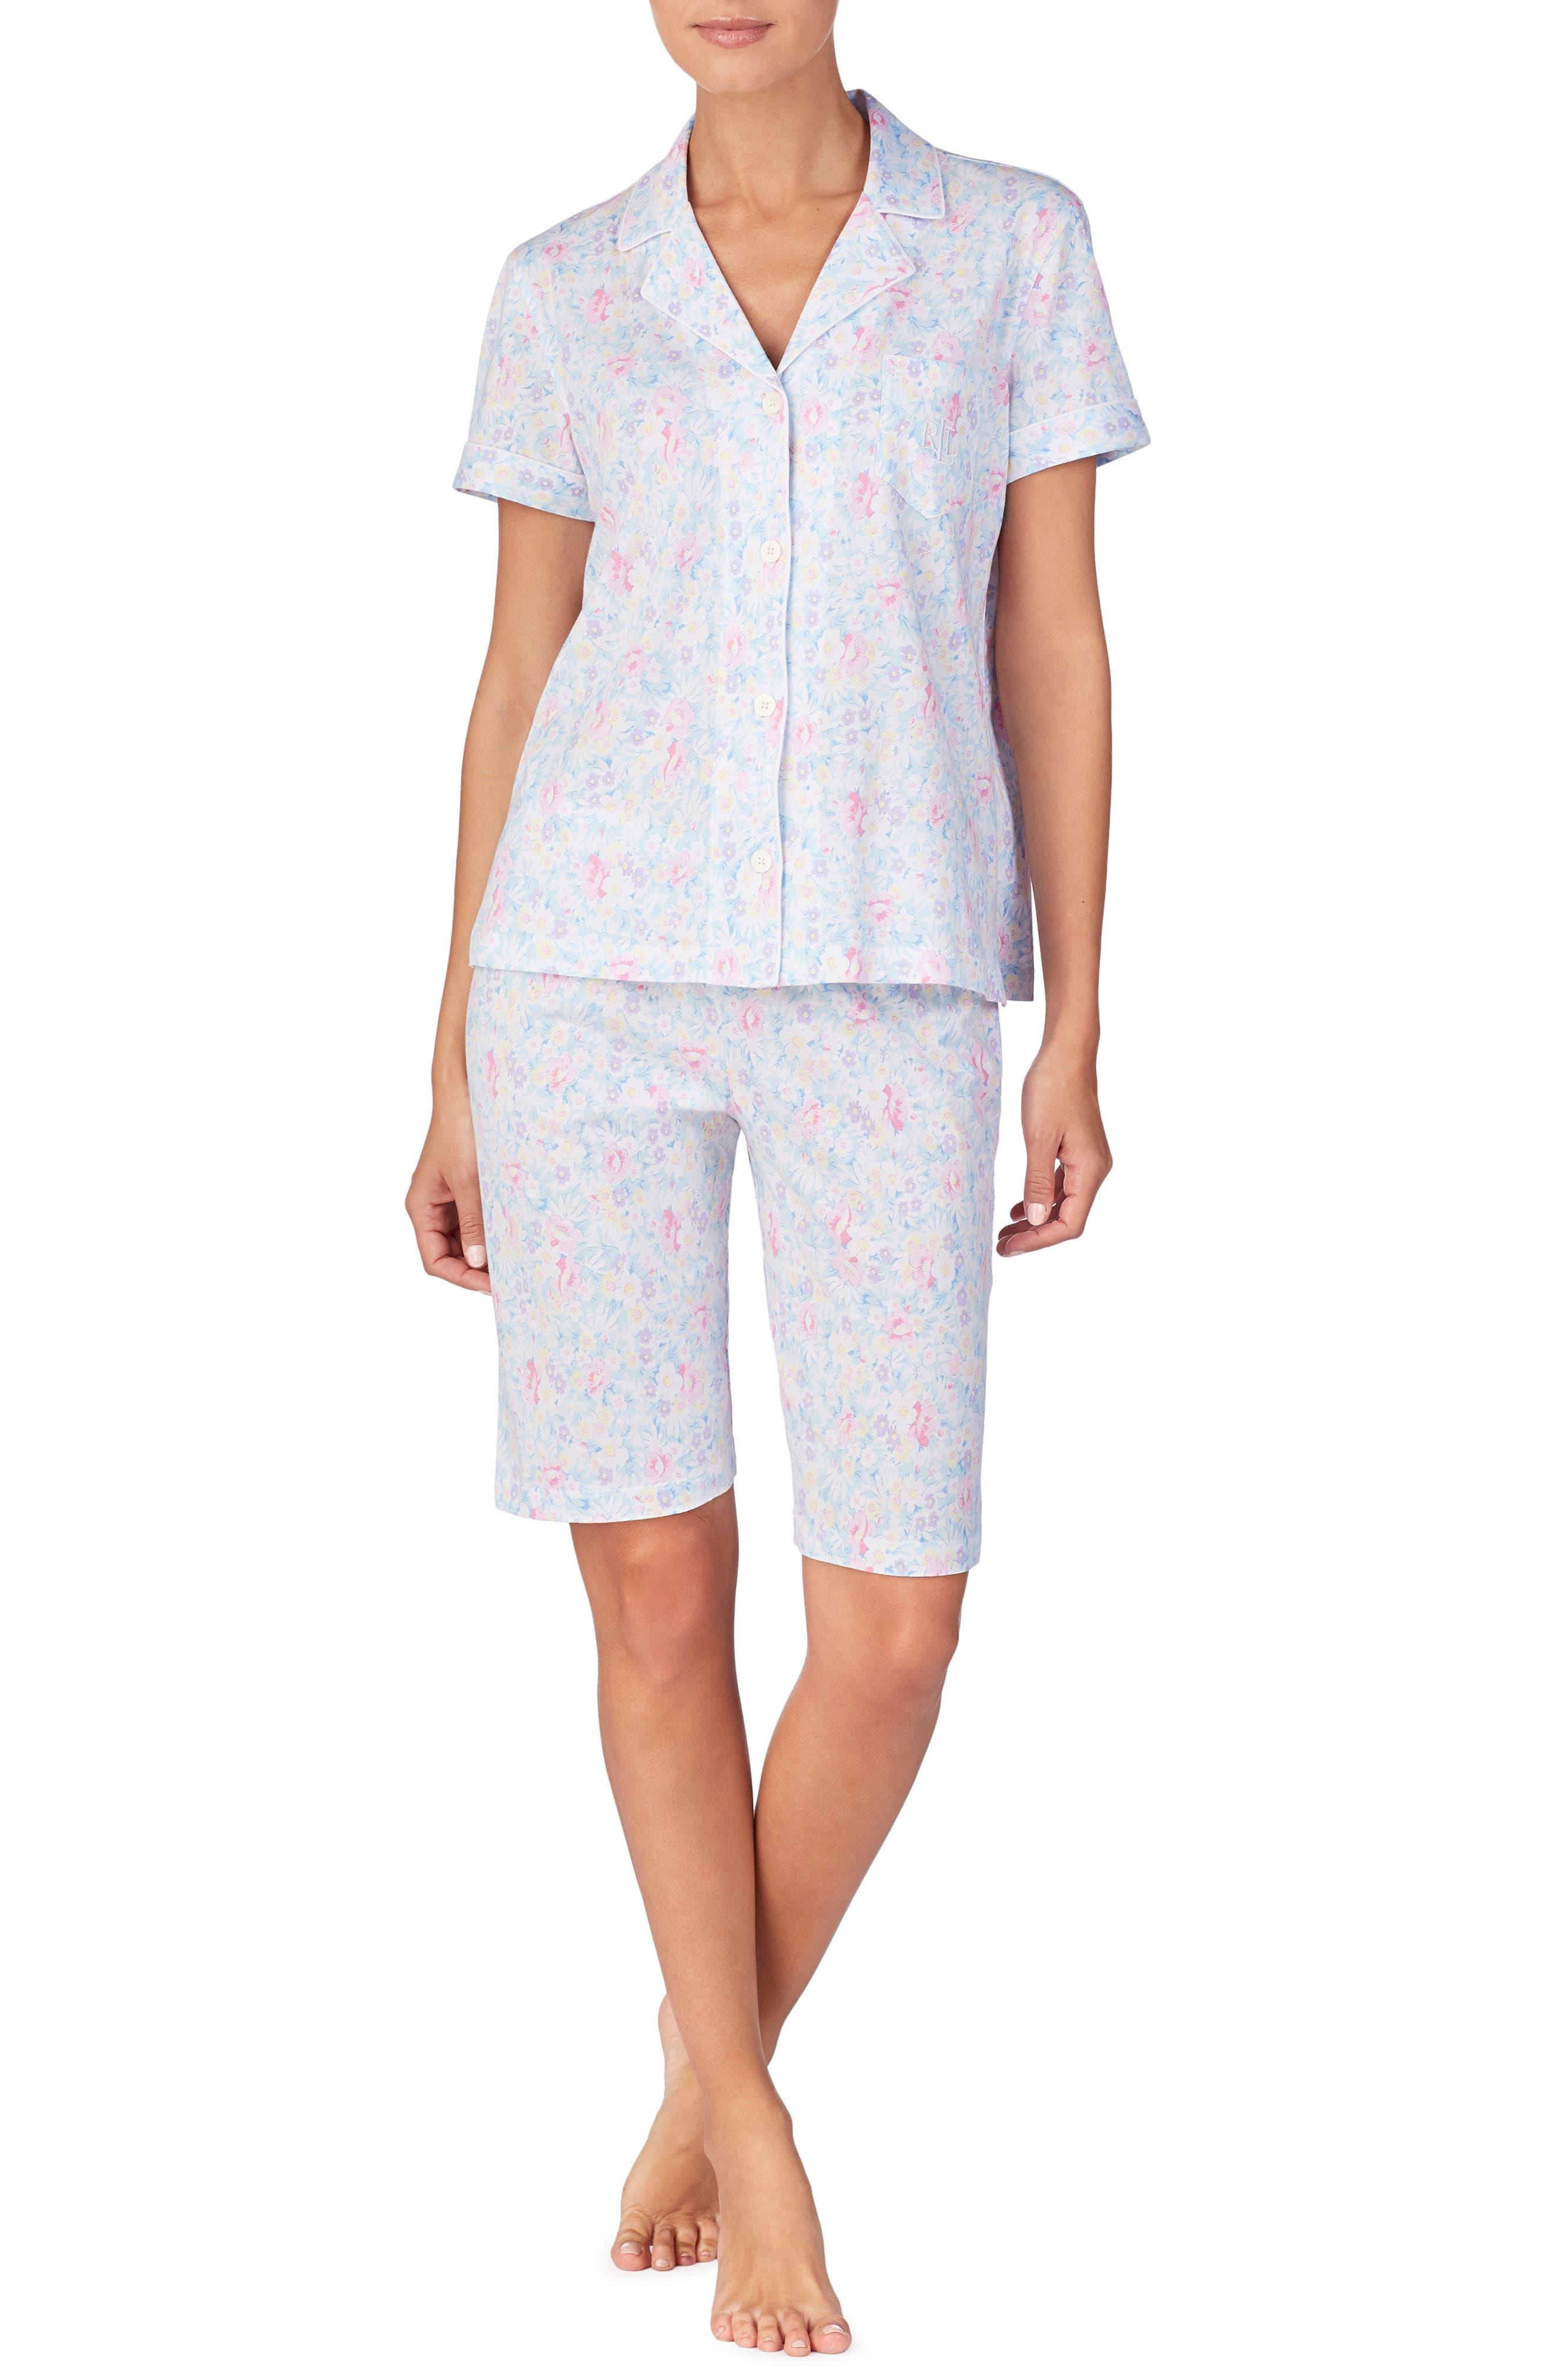 LAUREN RALPH LAUREN, Bermuda Shorts Pajamas, Main thumbnail 1, color, PINK FLORAL